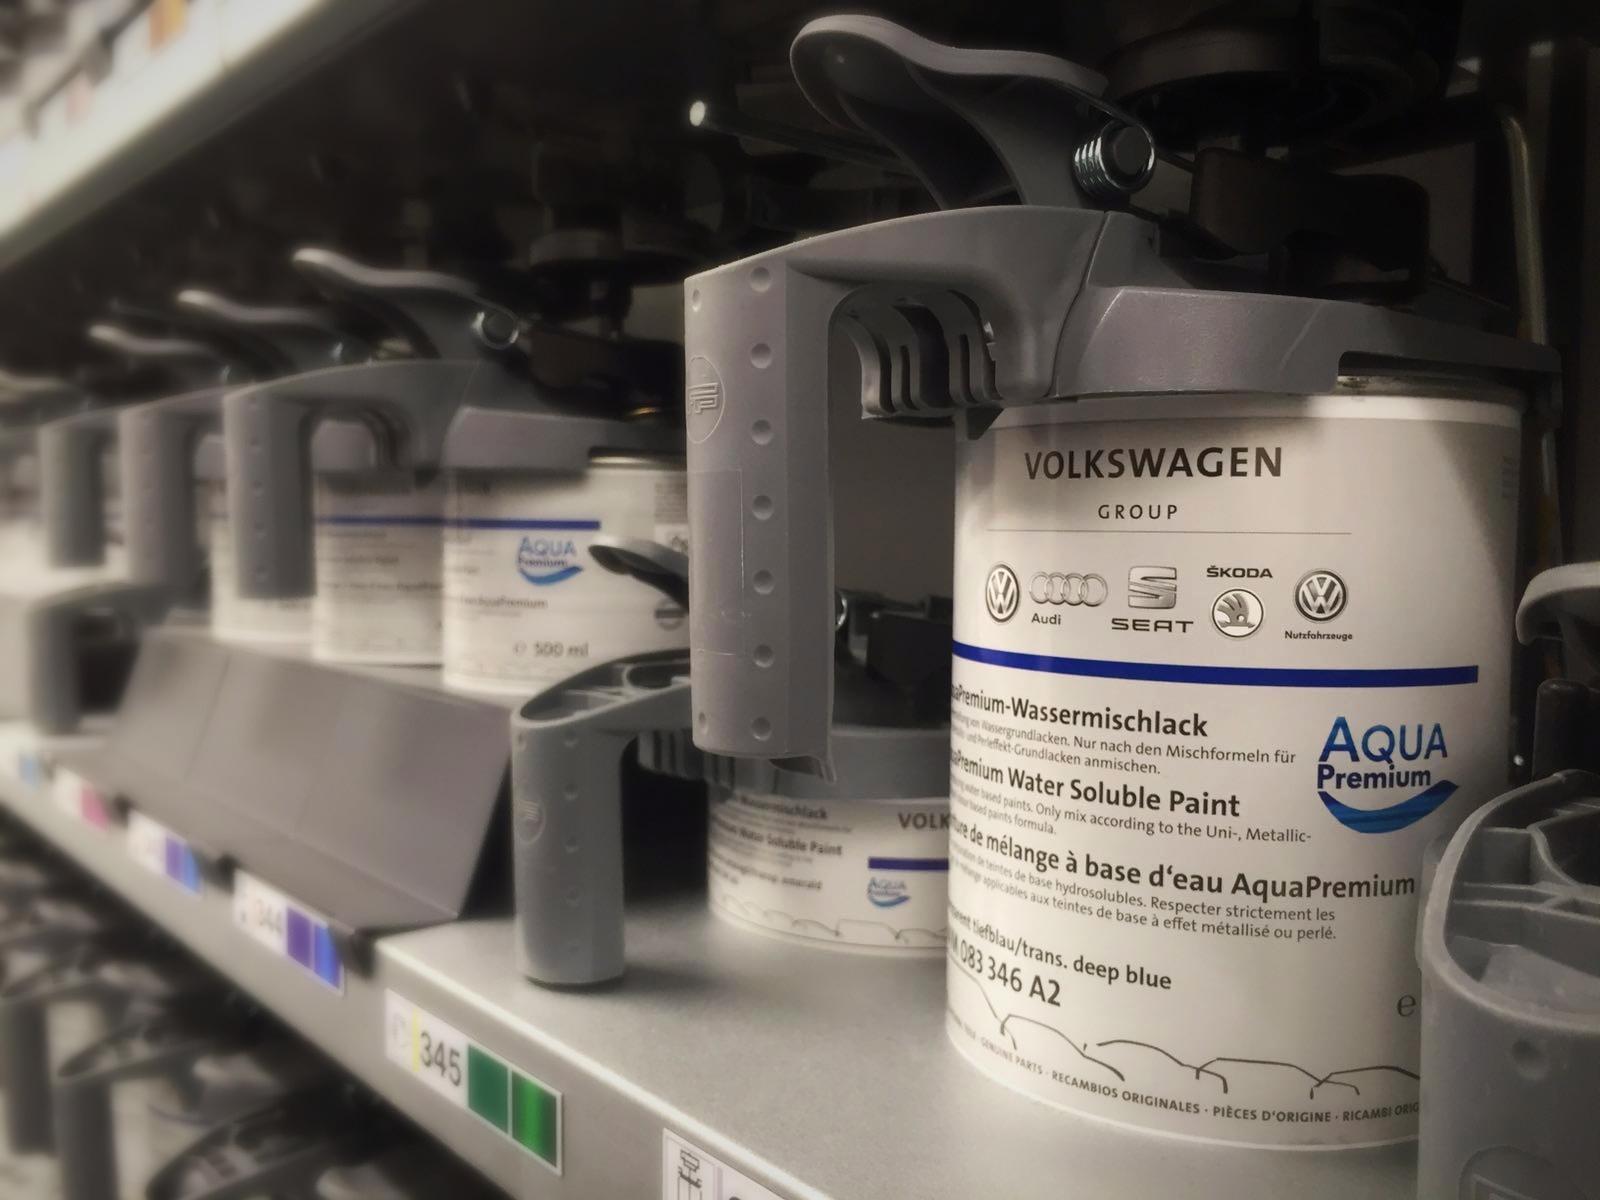 AquaPremium - Die Originallacke von der Volkswagen AG!